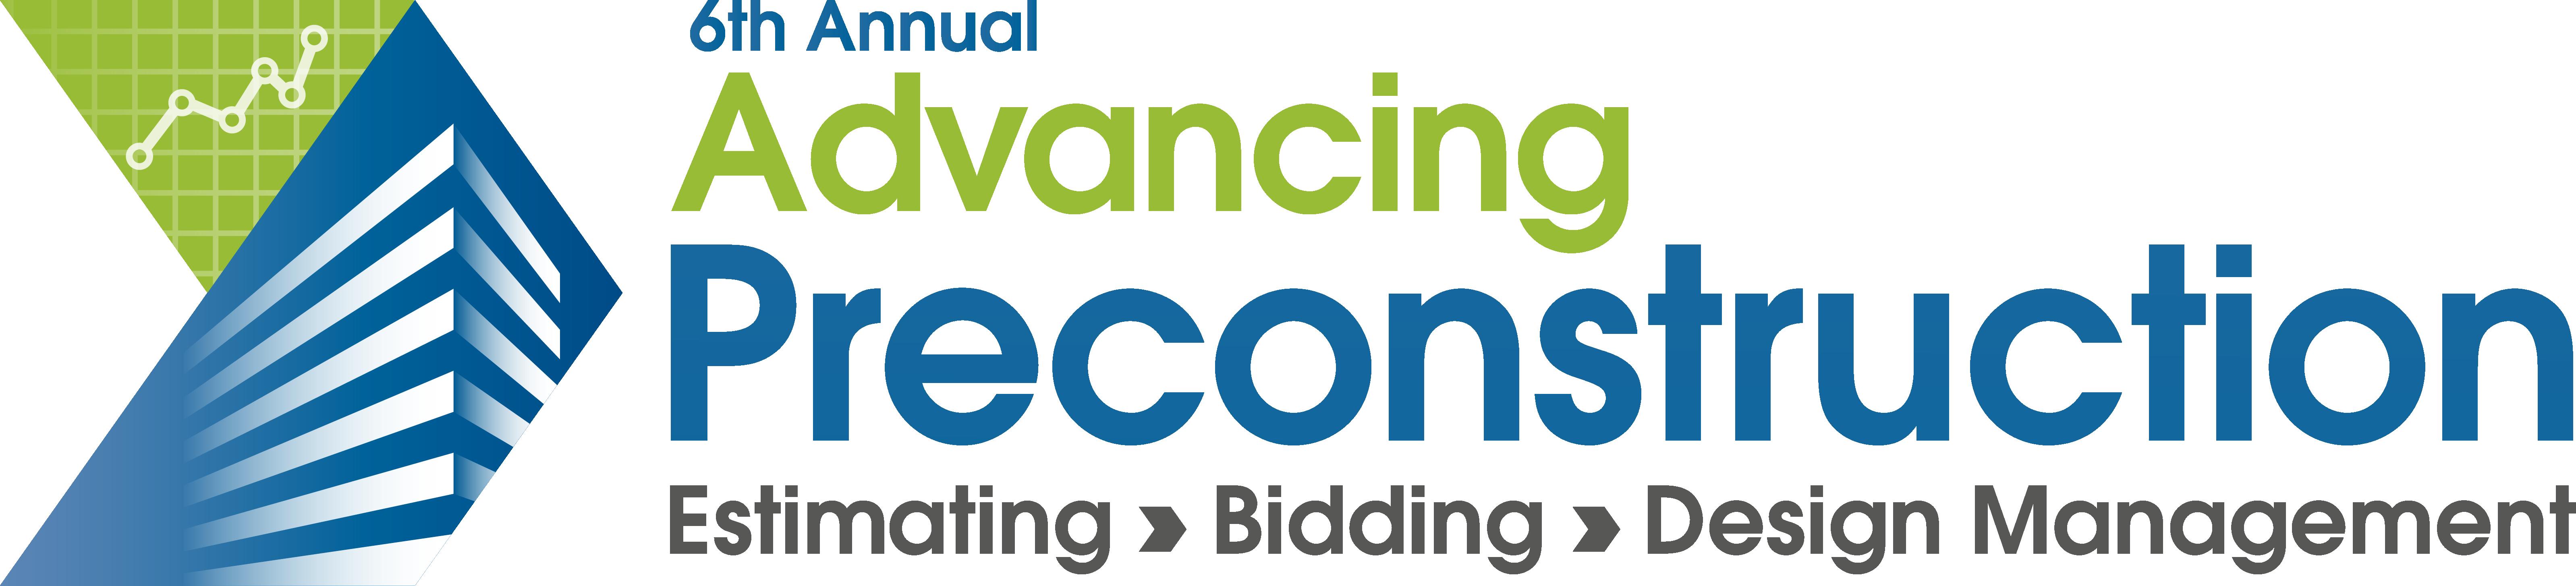 HW190819 Advancing Preconstruction logo 2021